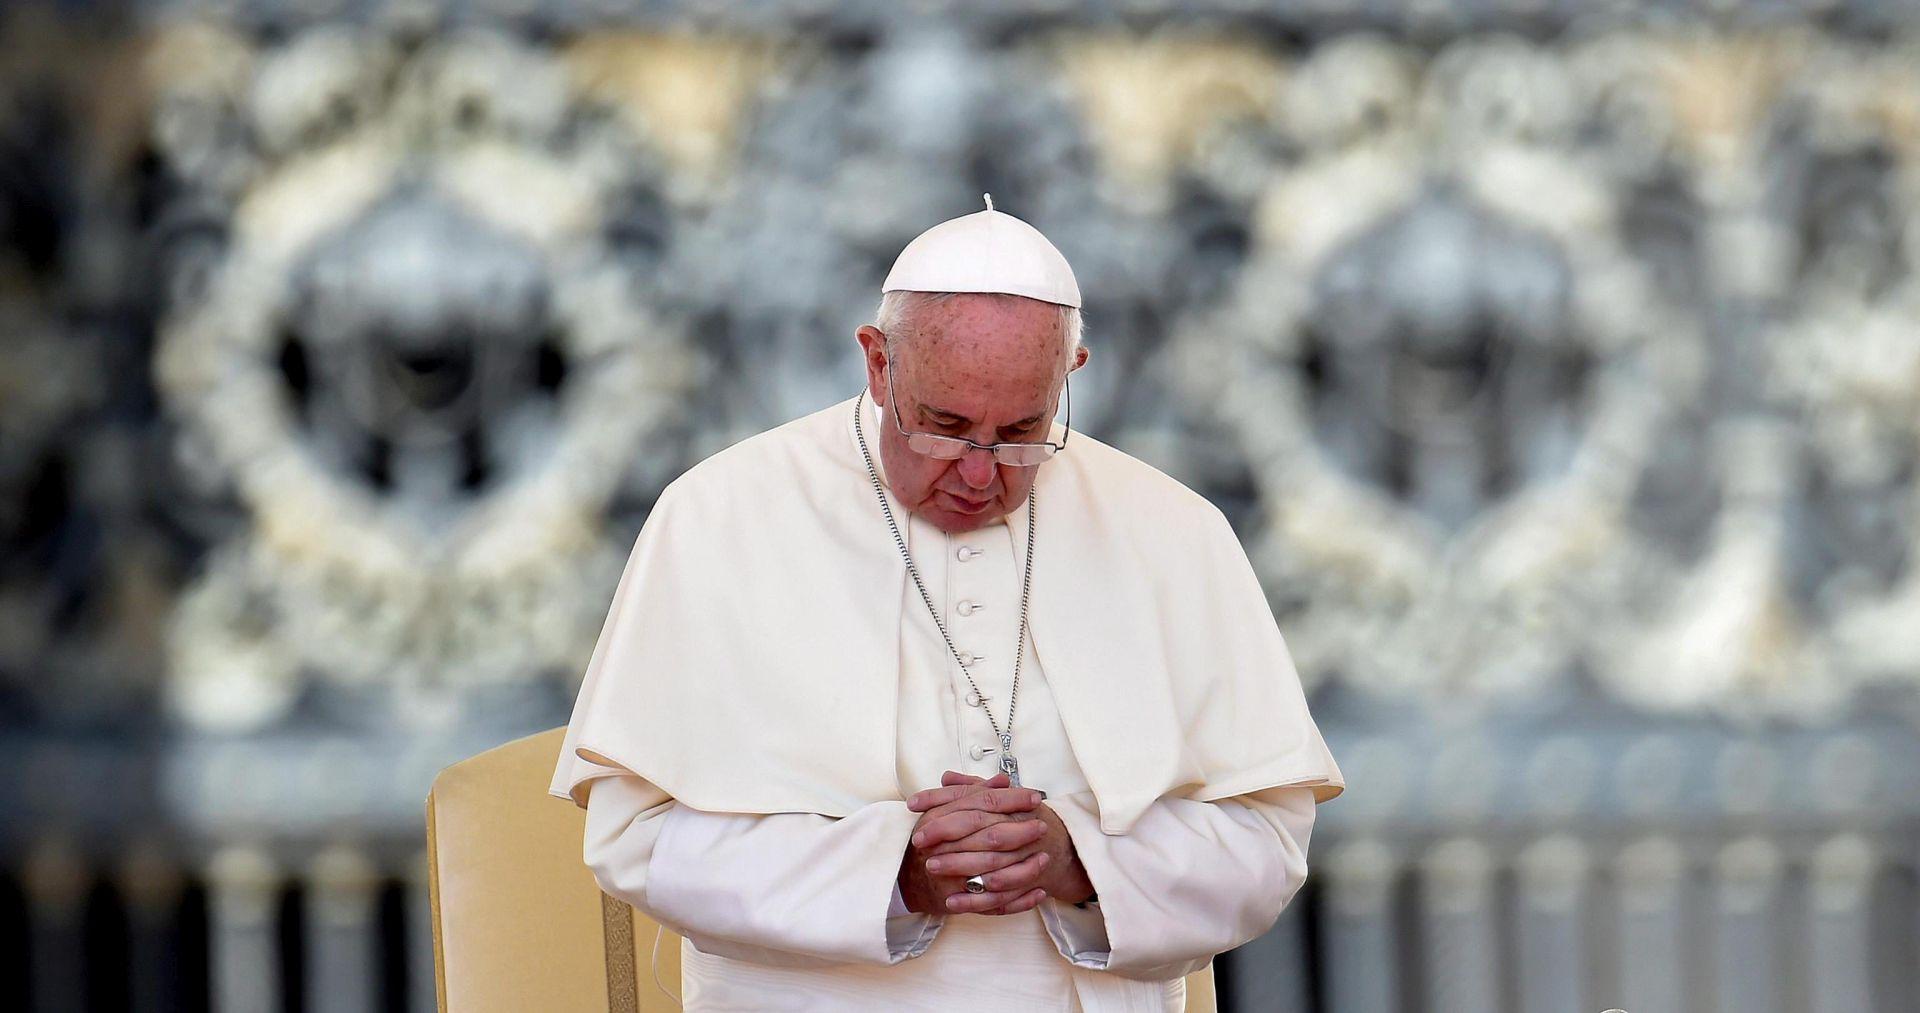 NIKOLIĆ U VATIKANU S papom Franjom o izbjeglicama, Kosovu i Alojziju Stepincu